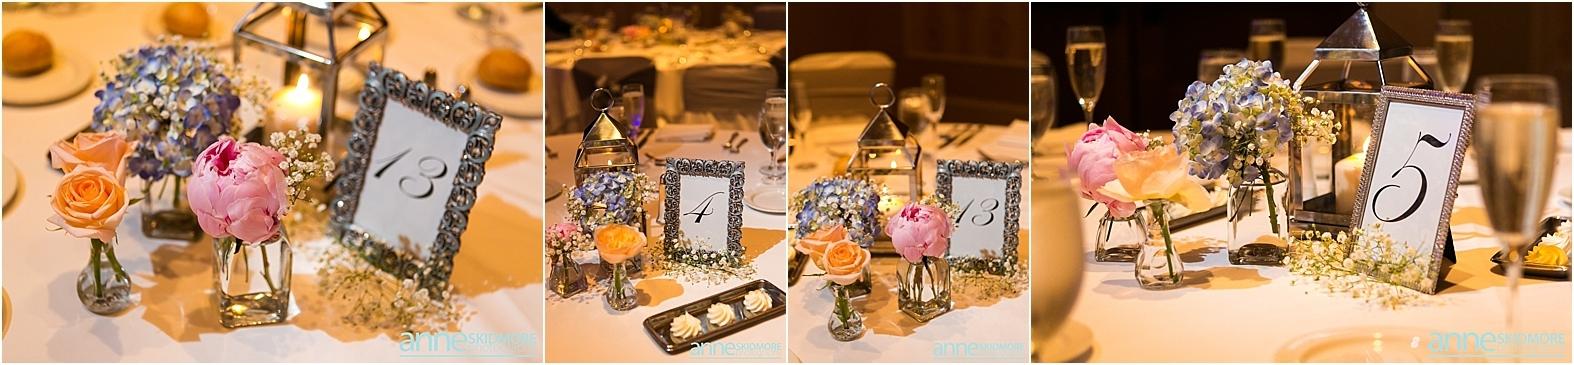 Mount_Washington_Hotel_Wedding_0041